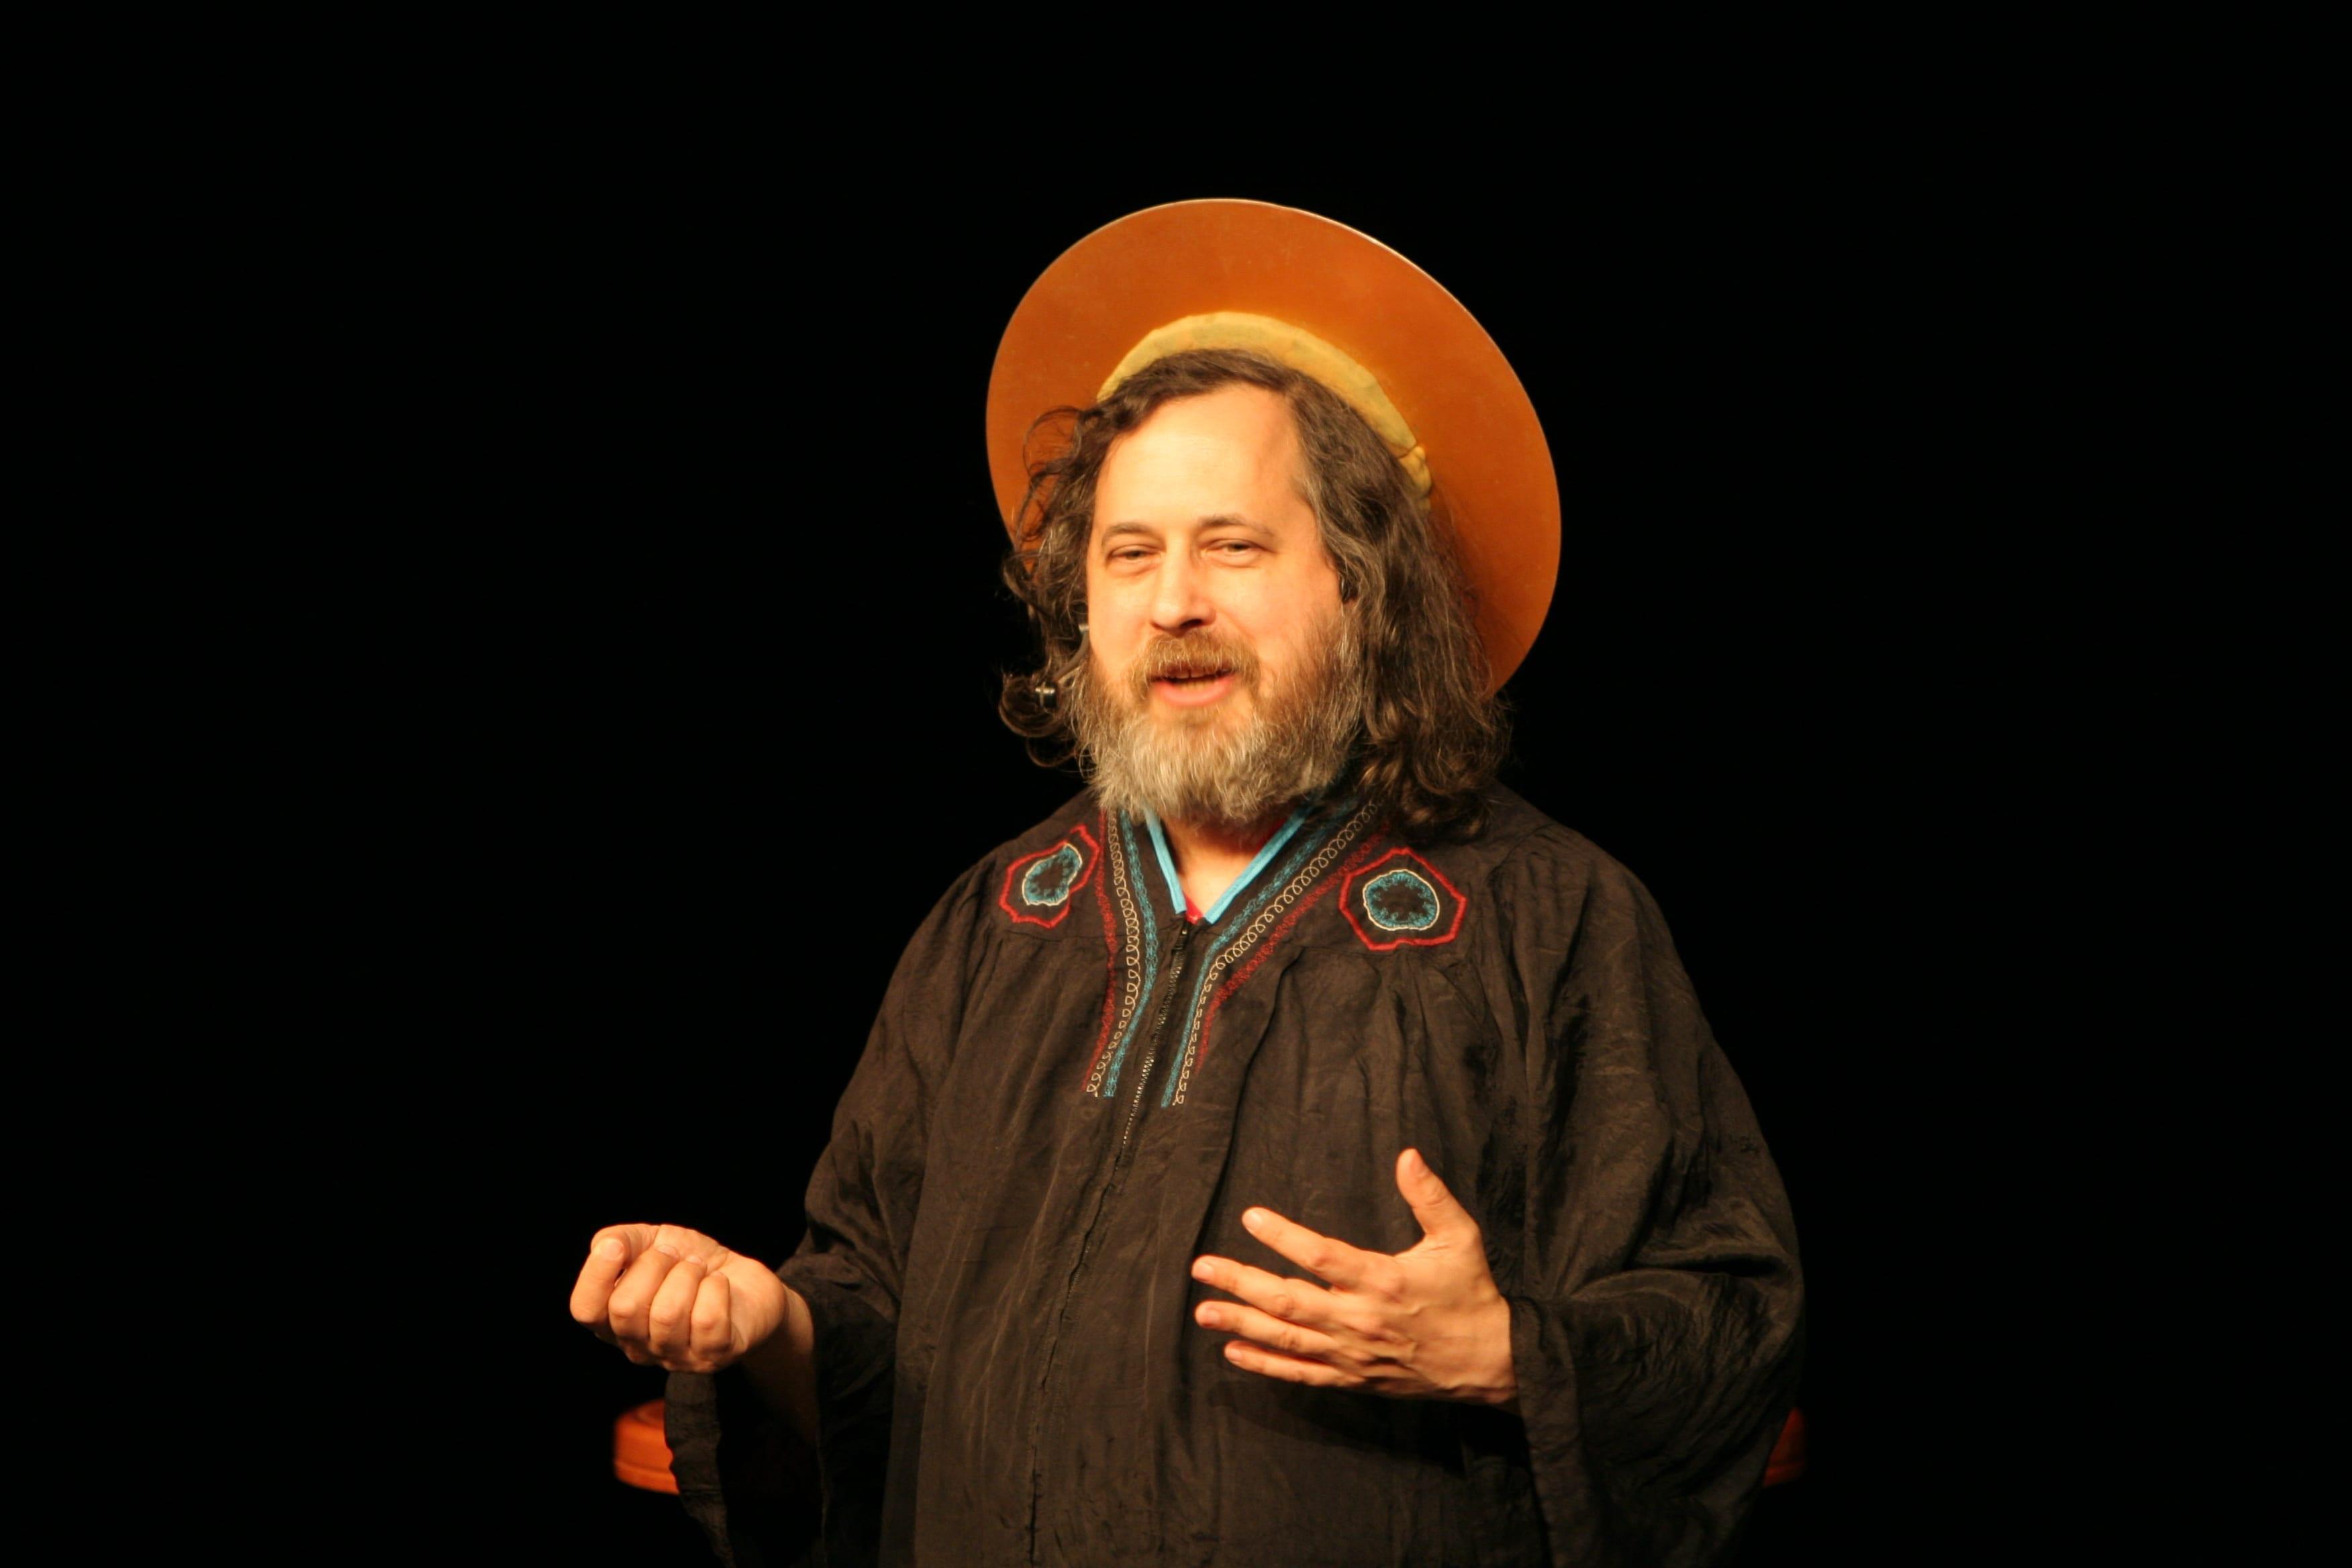 Ричард Столлман - основатель движения свободного ПО, проекта GNU.